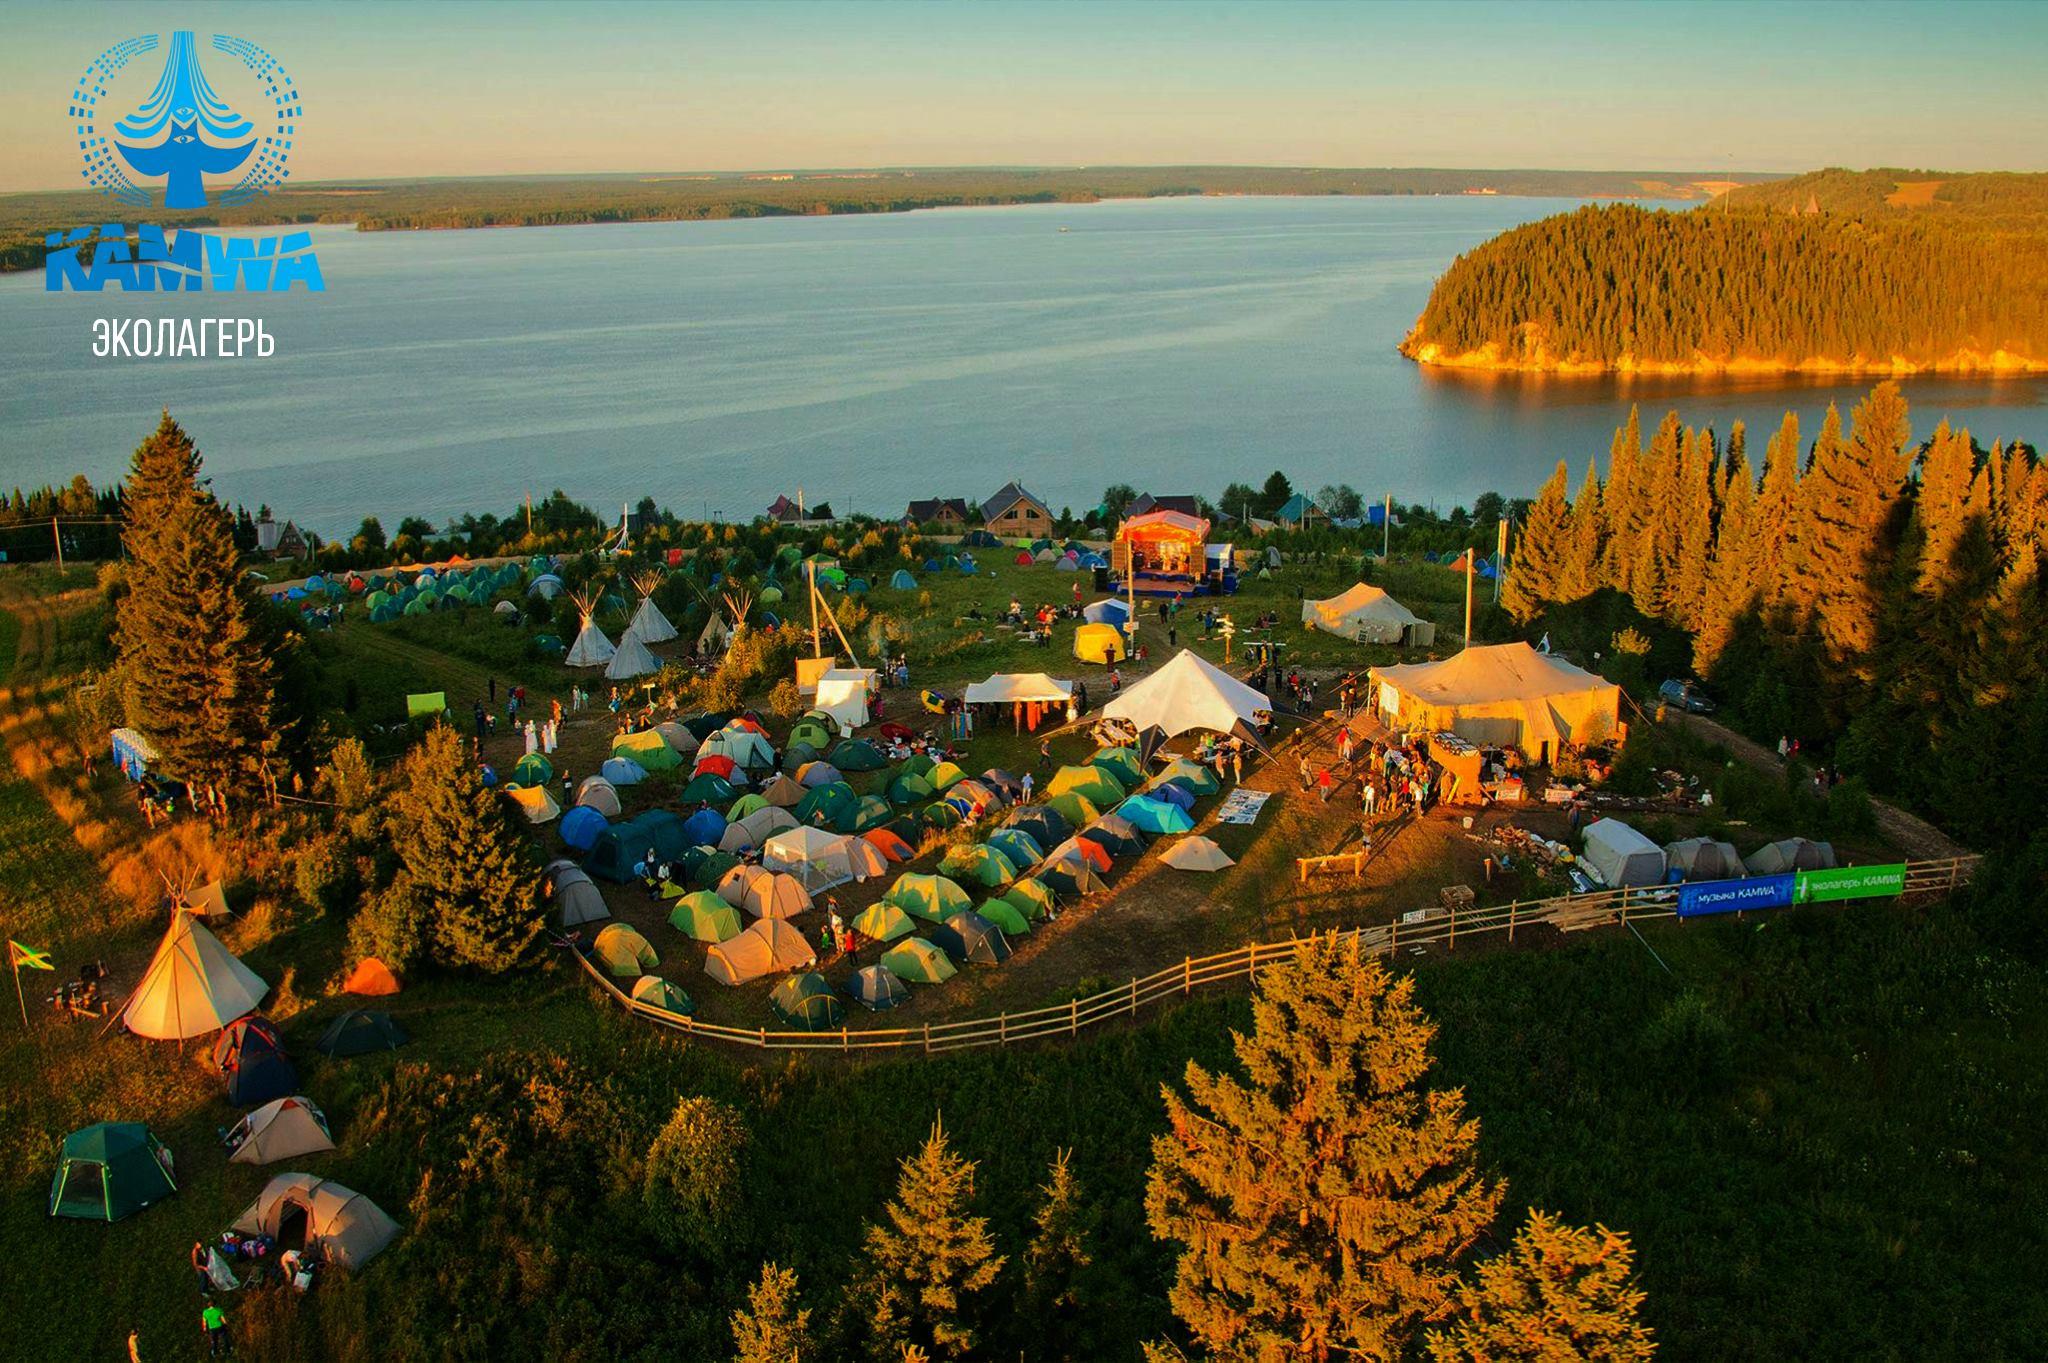 эко-лагерь